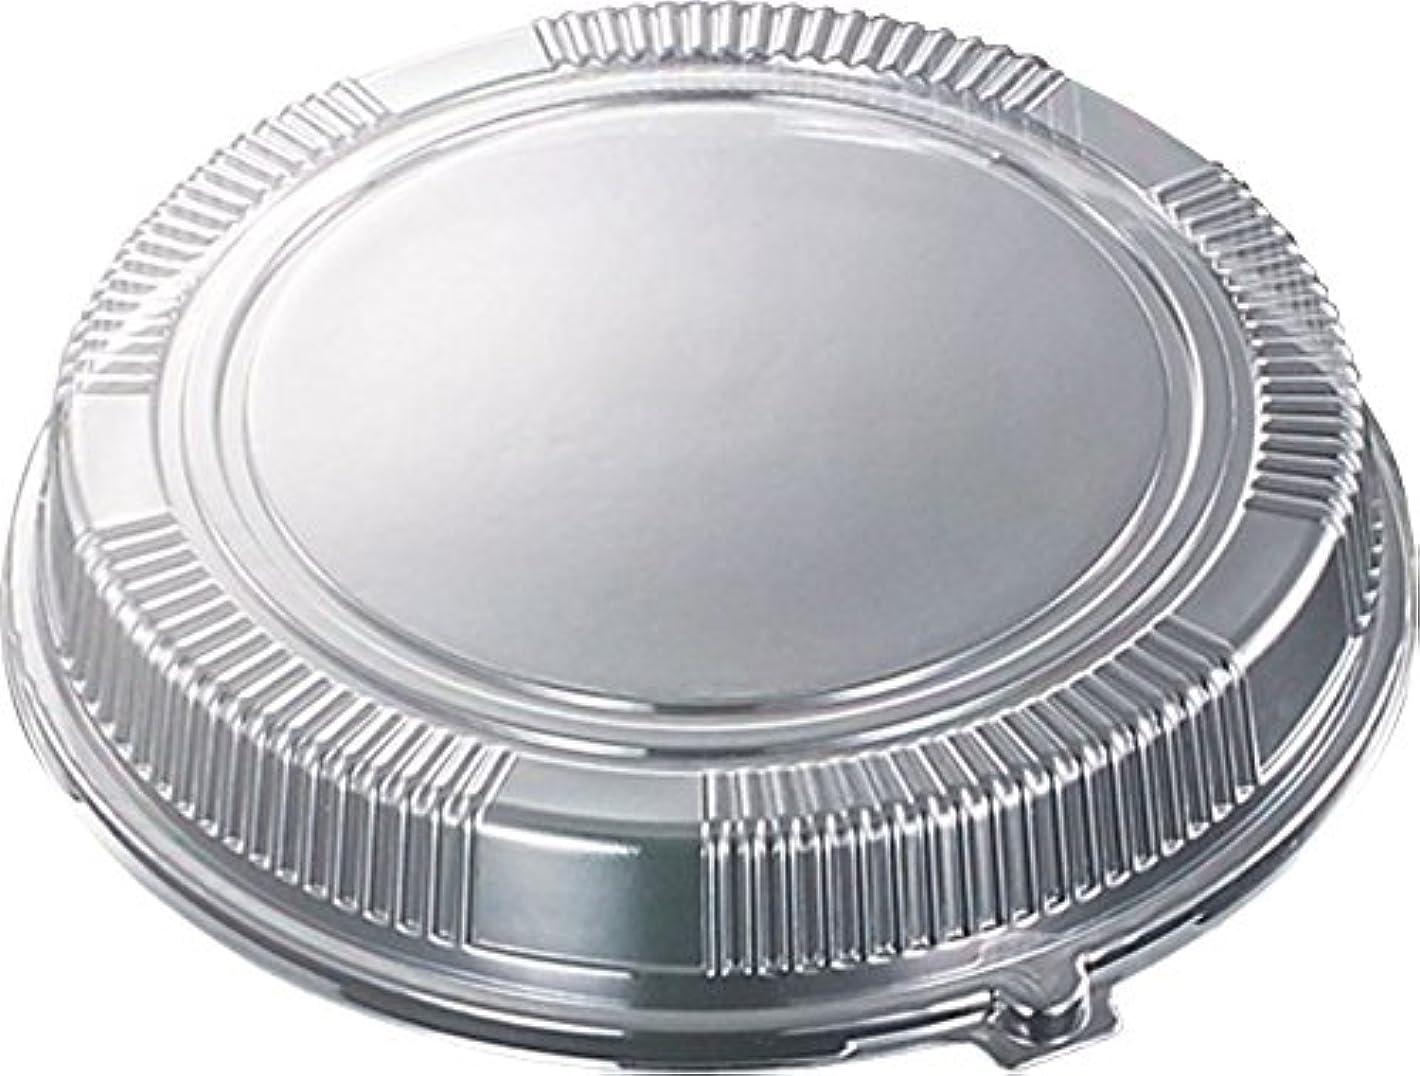 カラス完璧な四半期中央化学 使い捨て容器蓋 DXオードブル E丸2 防曇蓋 10枚入サイズ:約0×41.3×6.8cm